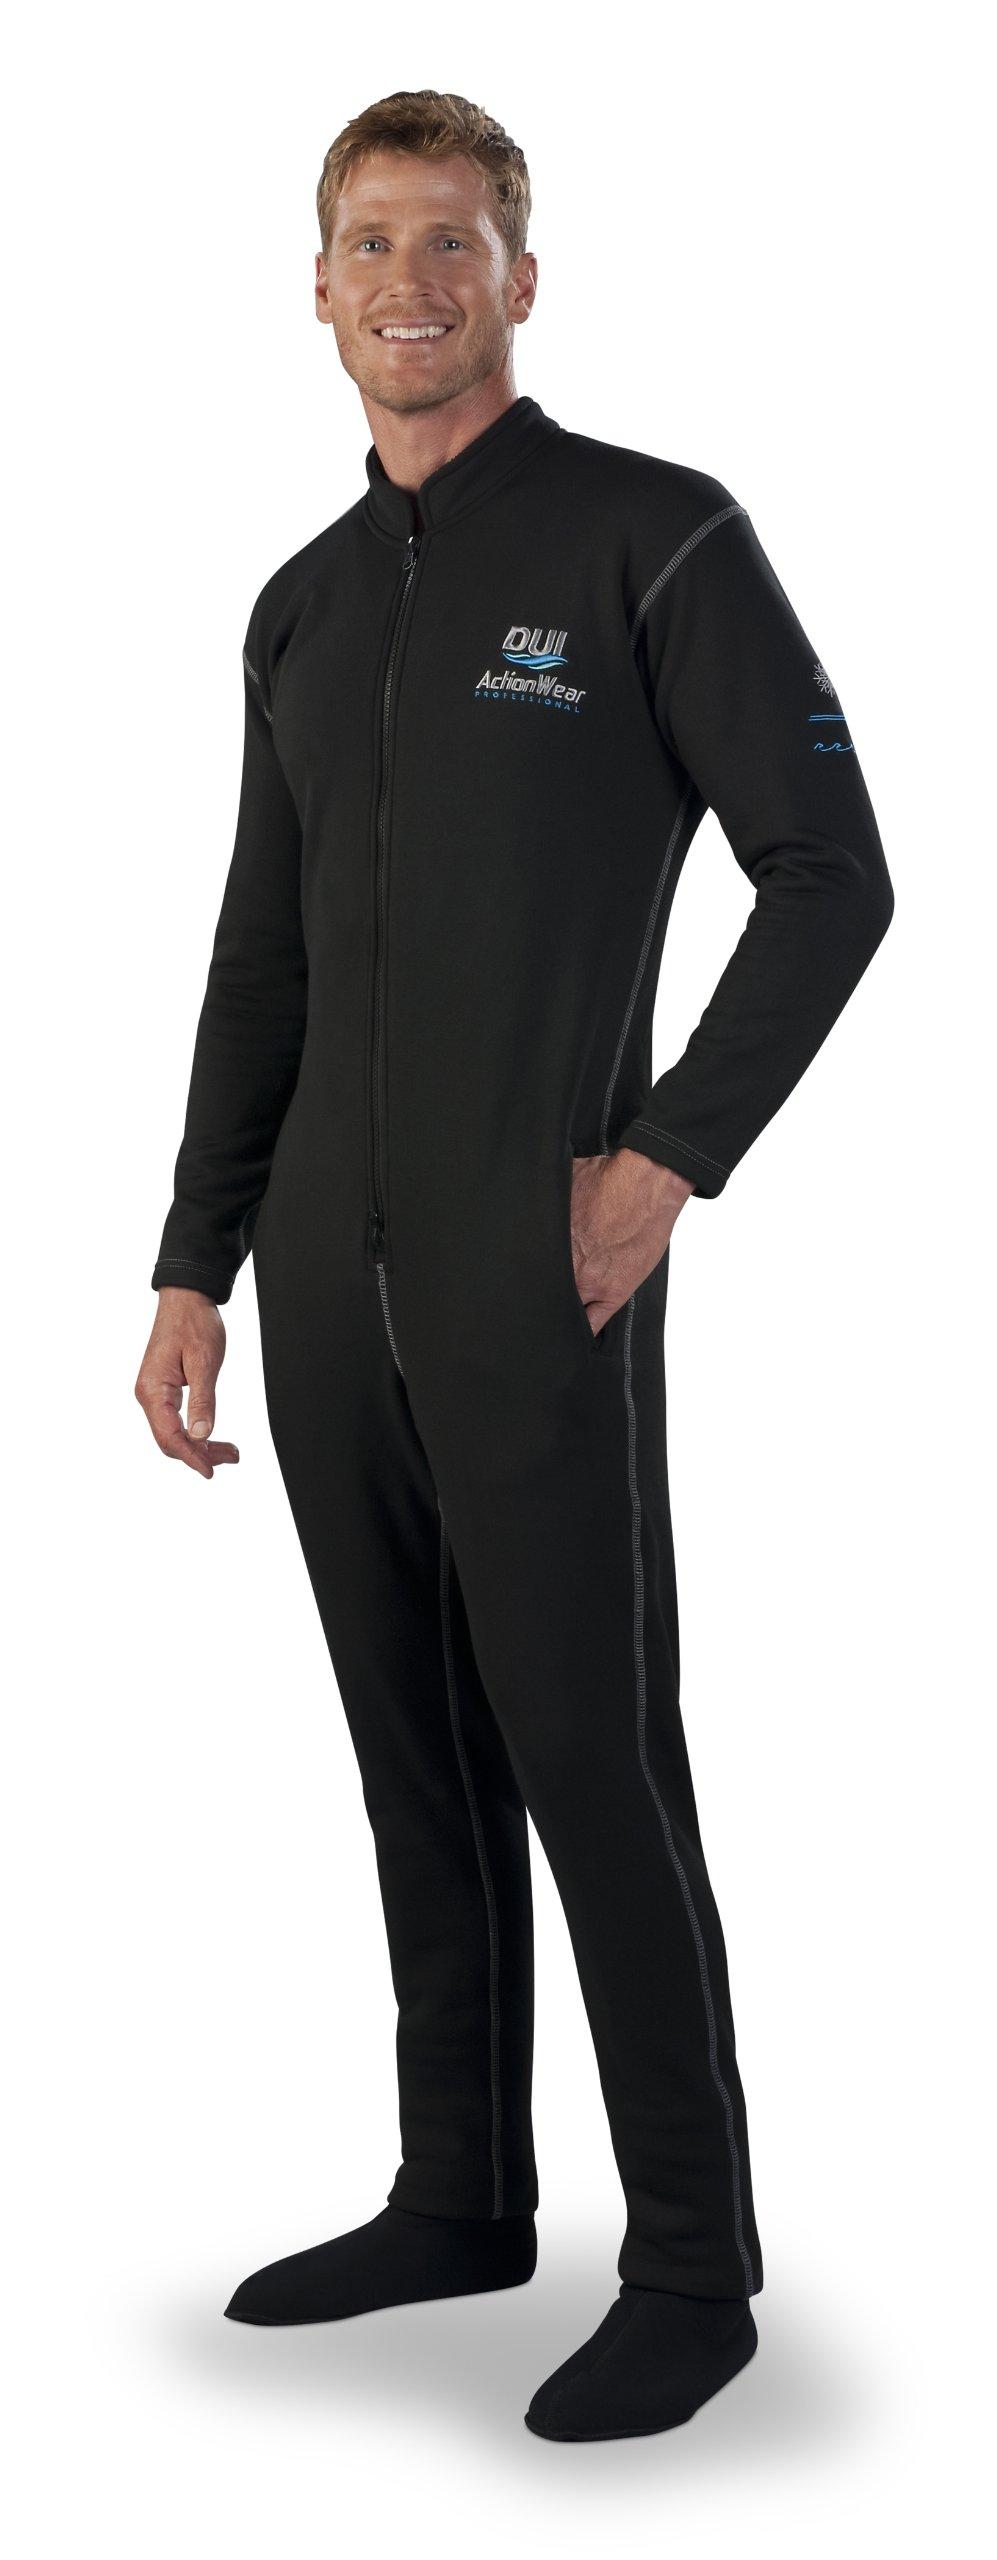 Diving Unlimited International DUI Actionwear Pro Jumpsuit 150 Drysuit Undergarment - Size X-Small by Diving Unlimited International